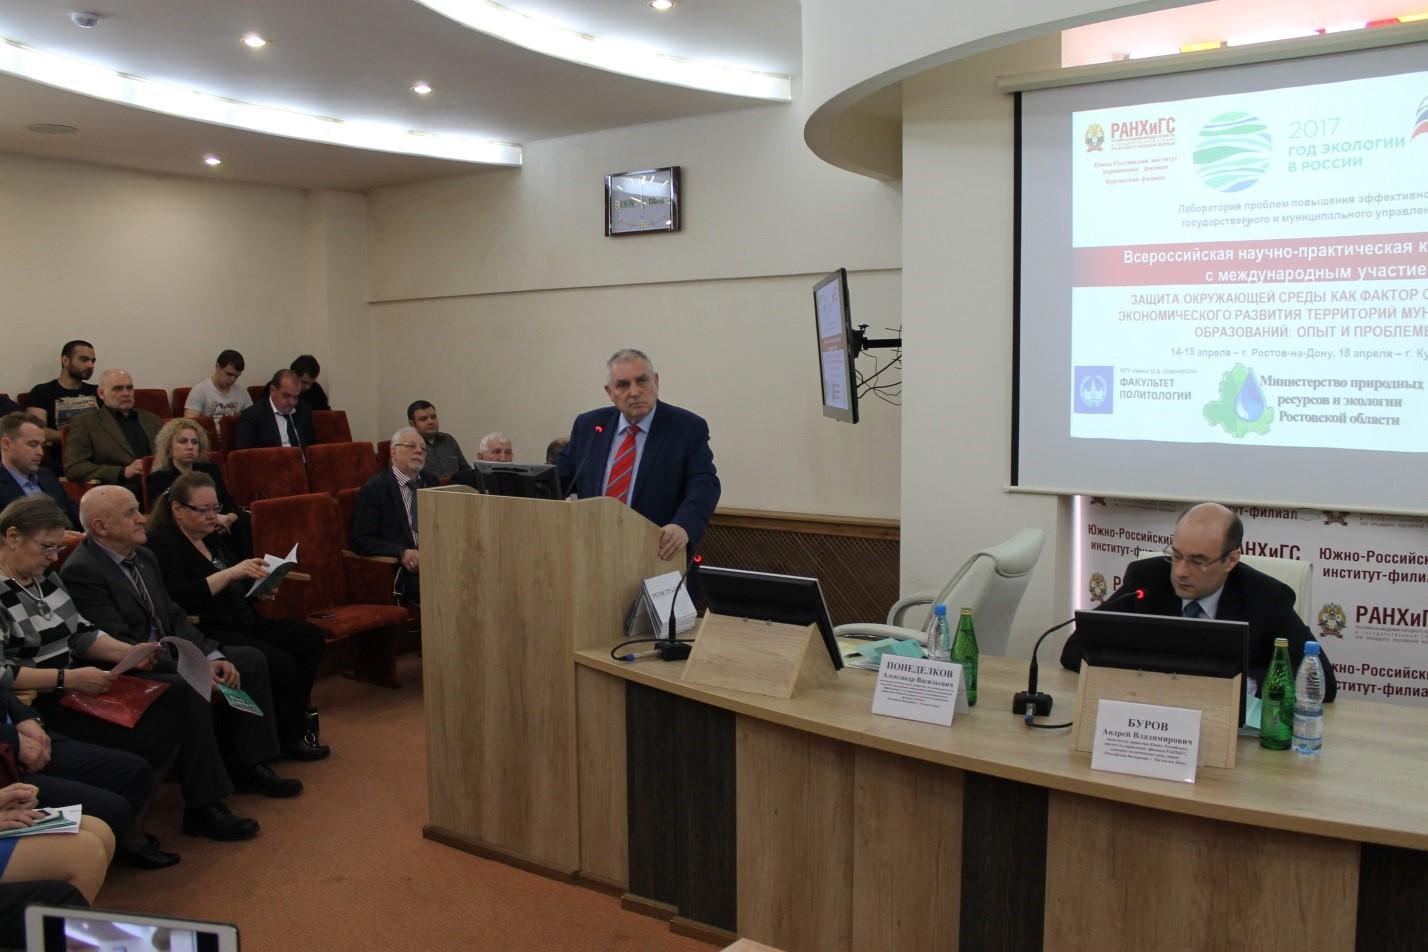 выбор апартаментов всероссийские конференции по государственному управлению 2017 факультете иностранных